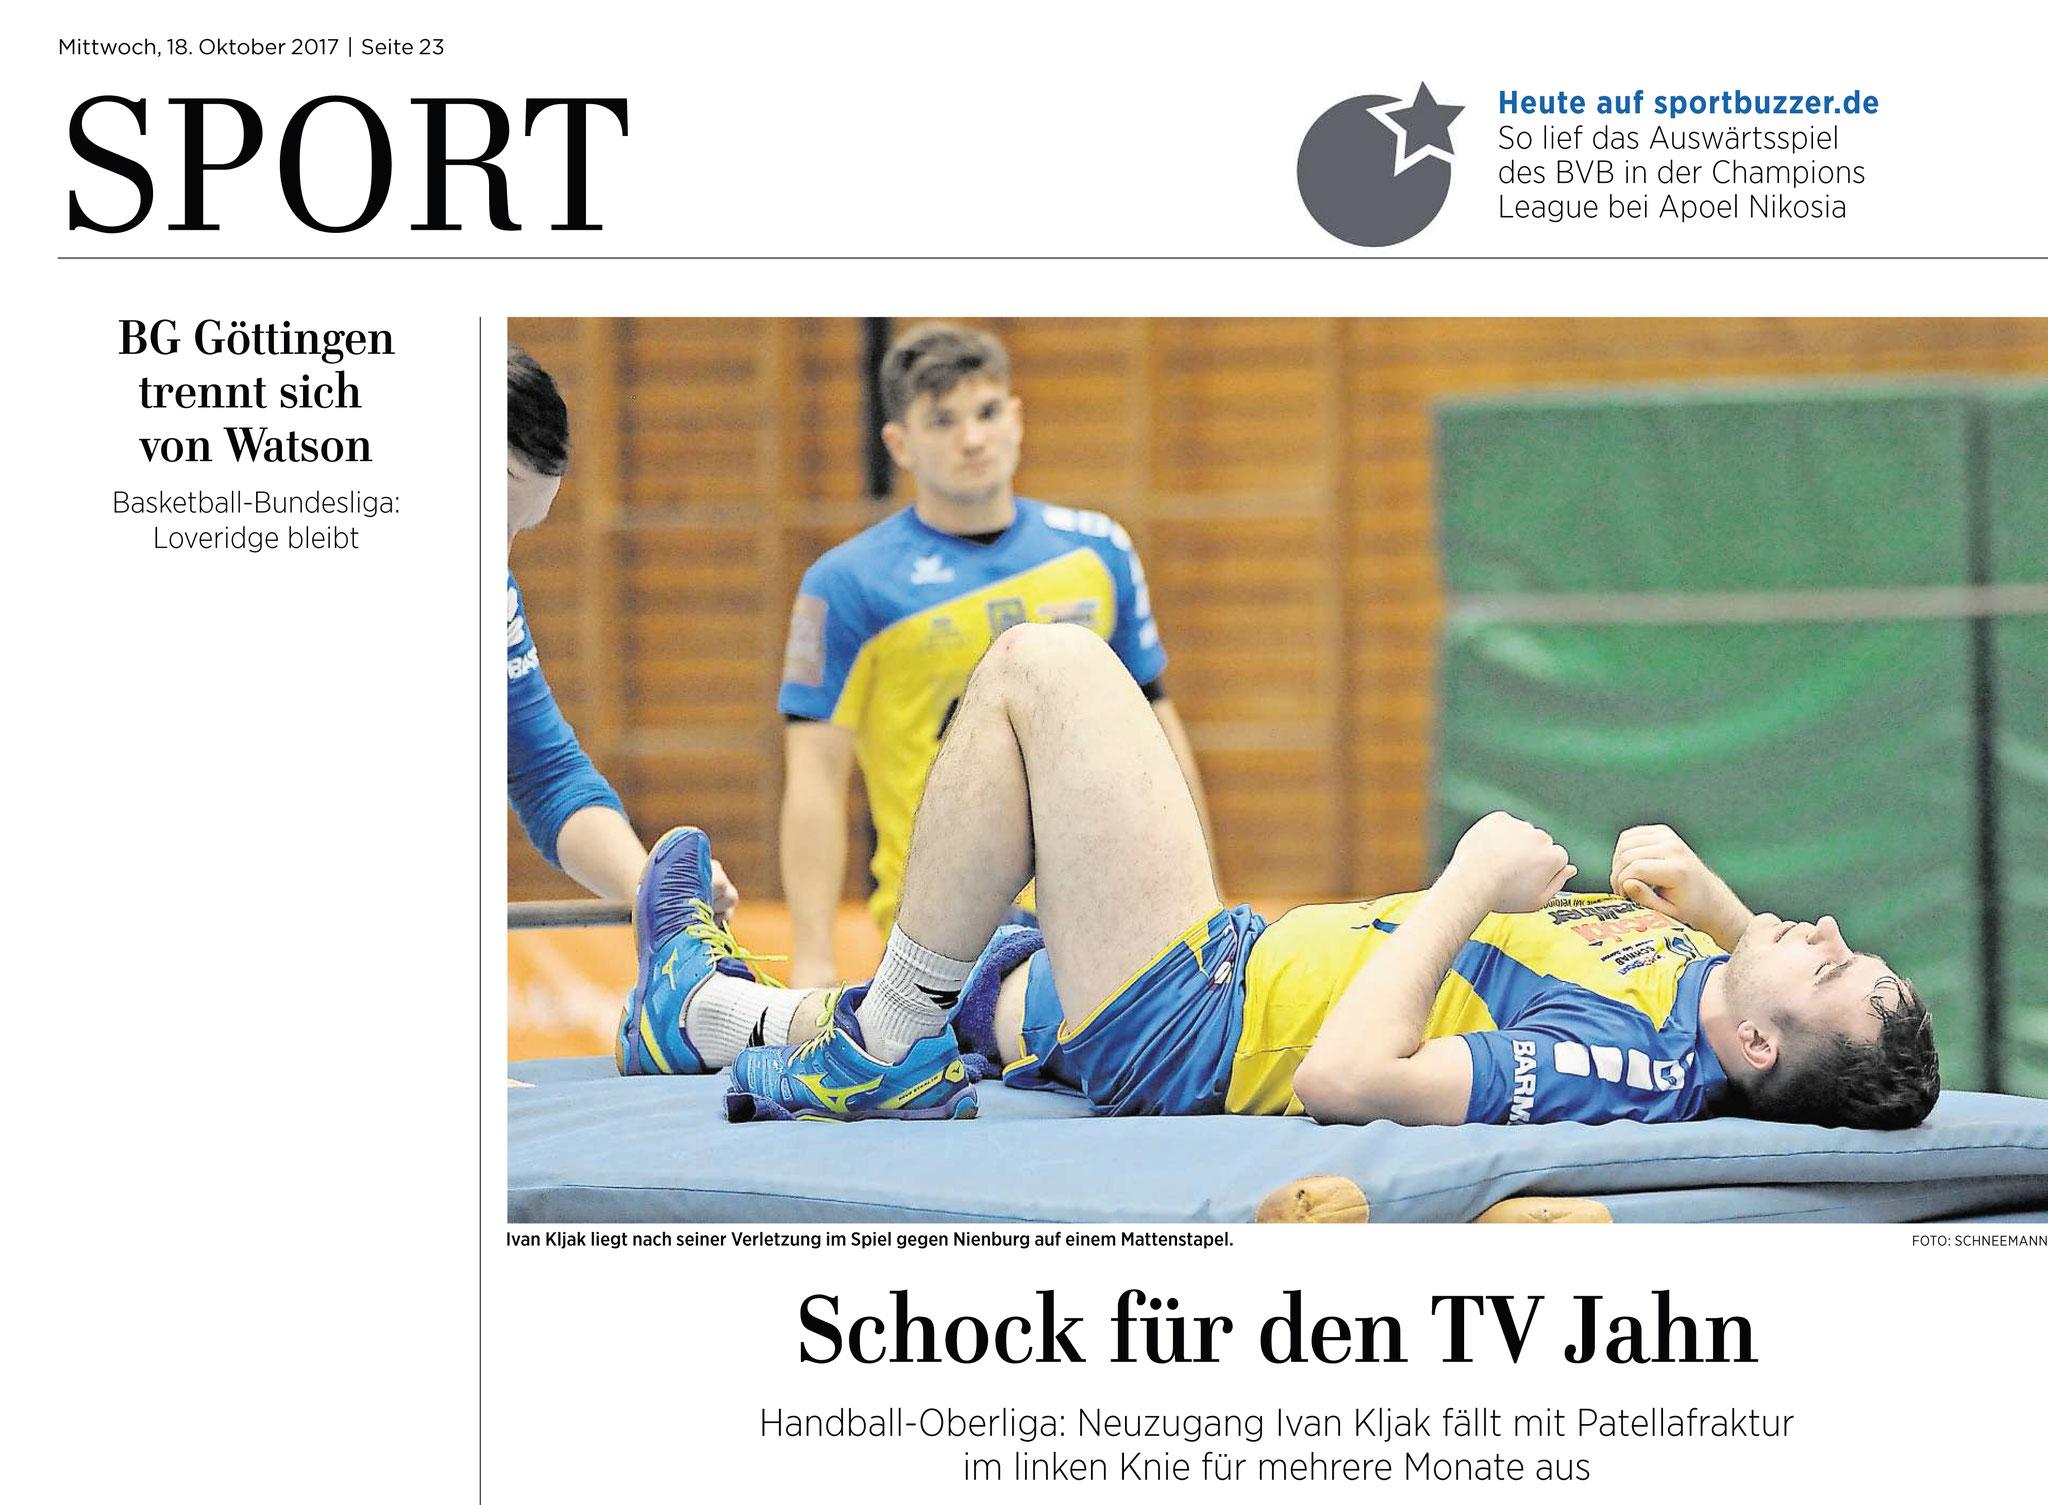 Ivan Kljak, TV Jahn Duderstadt, verletzt sich im Spiel gegen Nienburg schwer am Knie